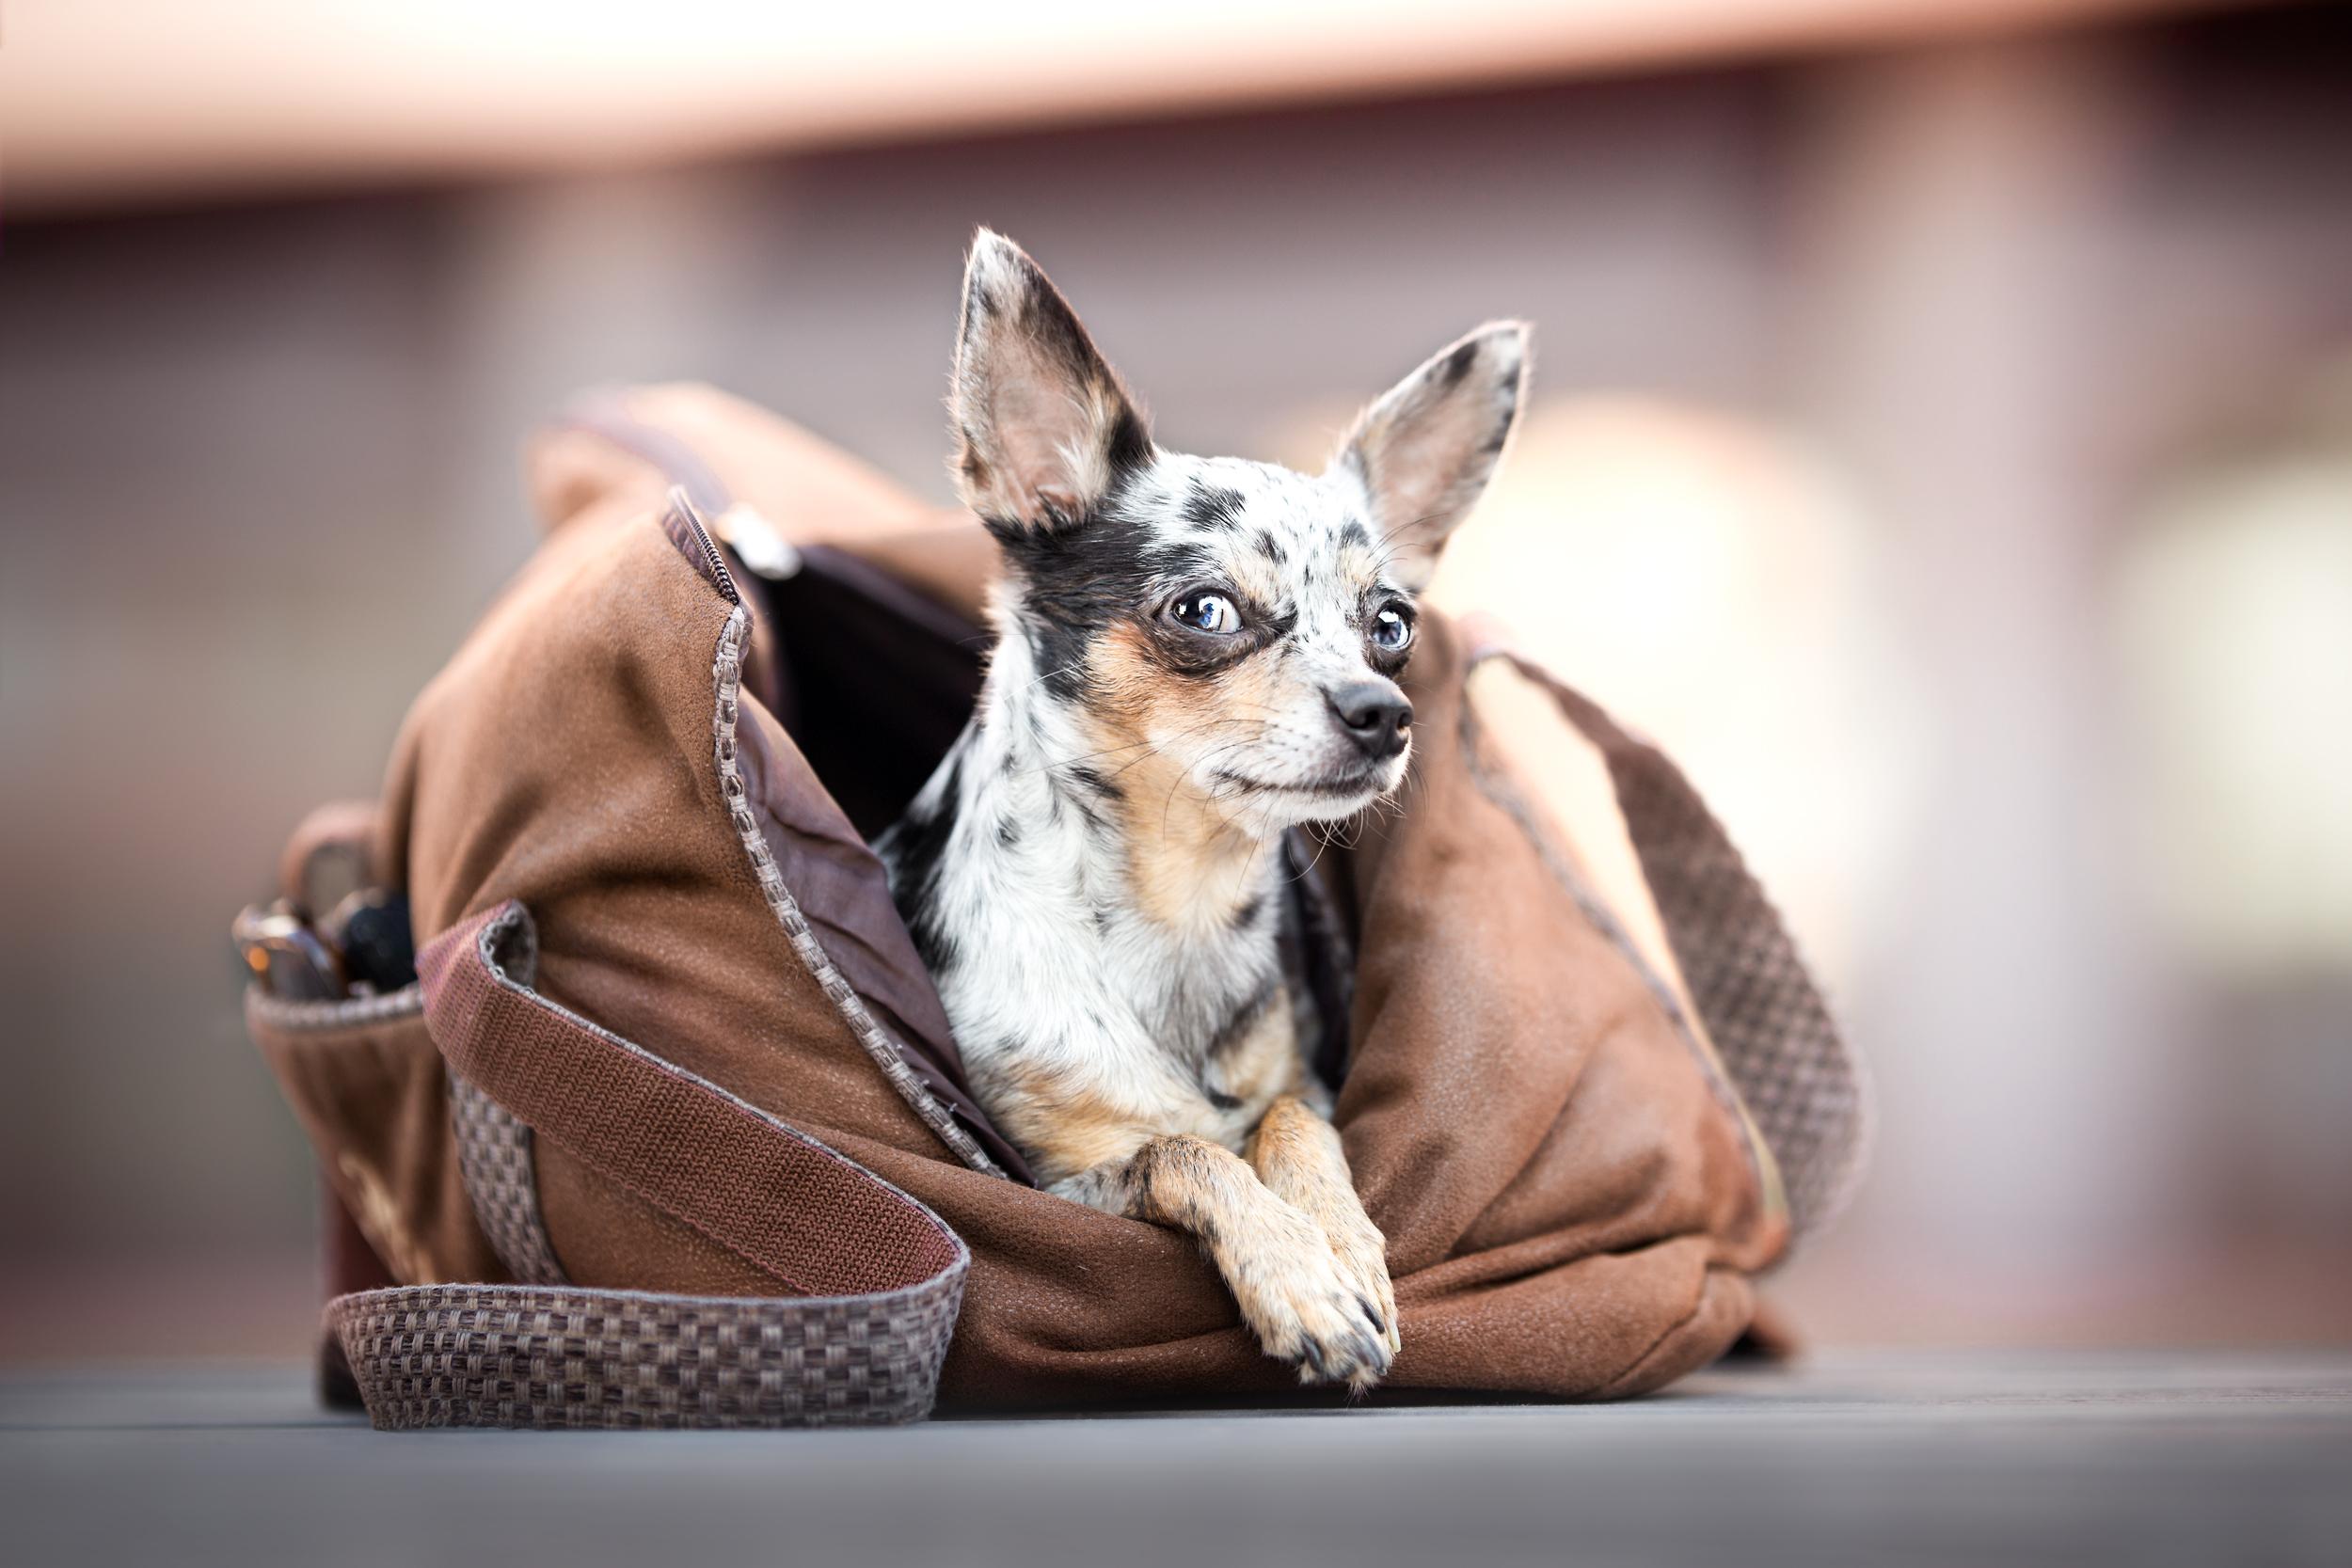 Hundefotografie Nordwestschweiz: Chihuahua liegt ganz bequem in einer Hundetragetasche auf einer Bank in Rheinfelden Schweiz